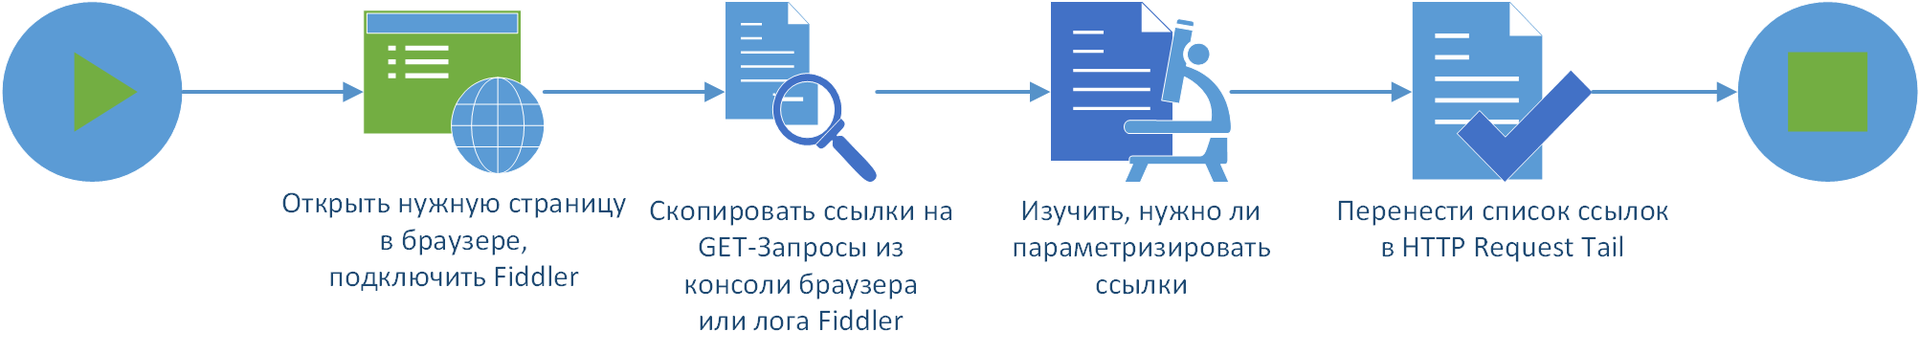 Процес підготовки даних для плагіна <b>TailSampler</b> і їх використання